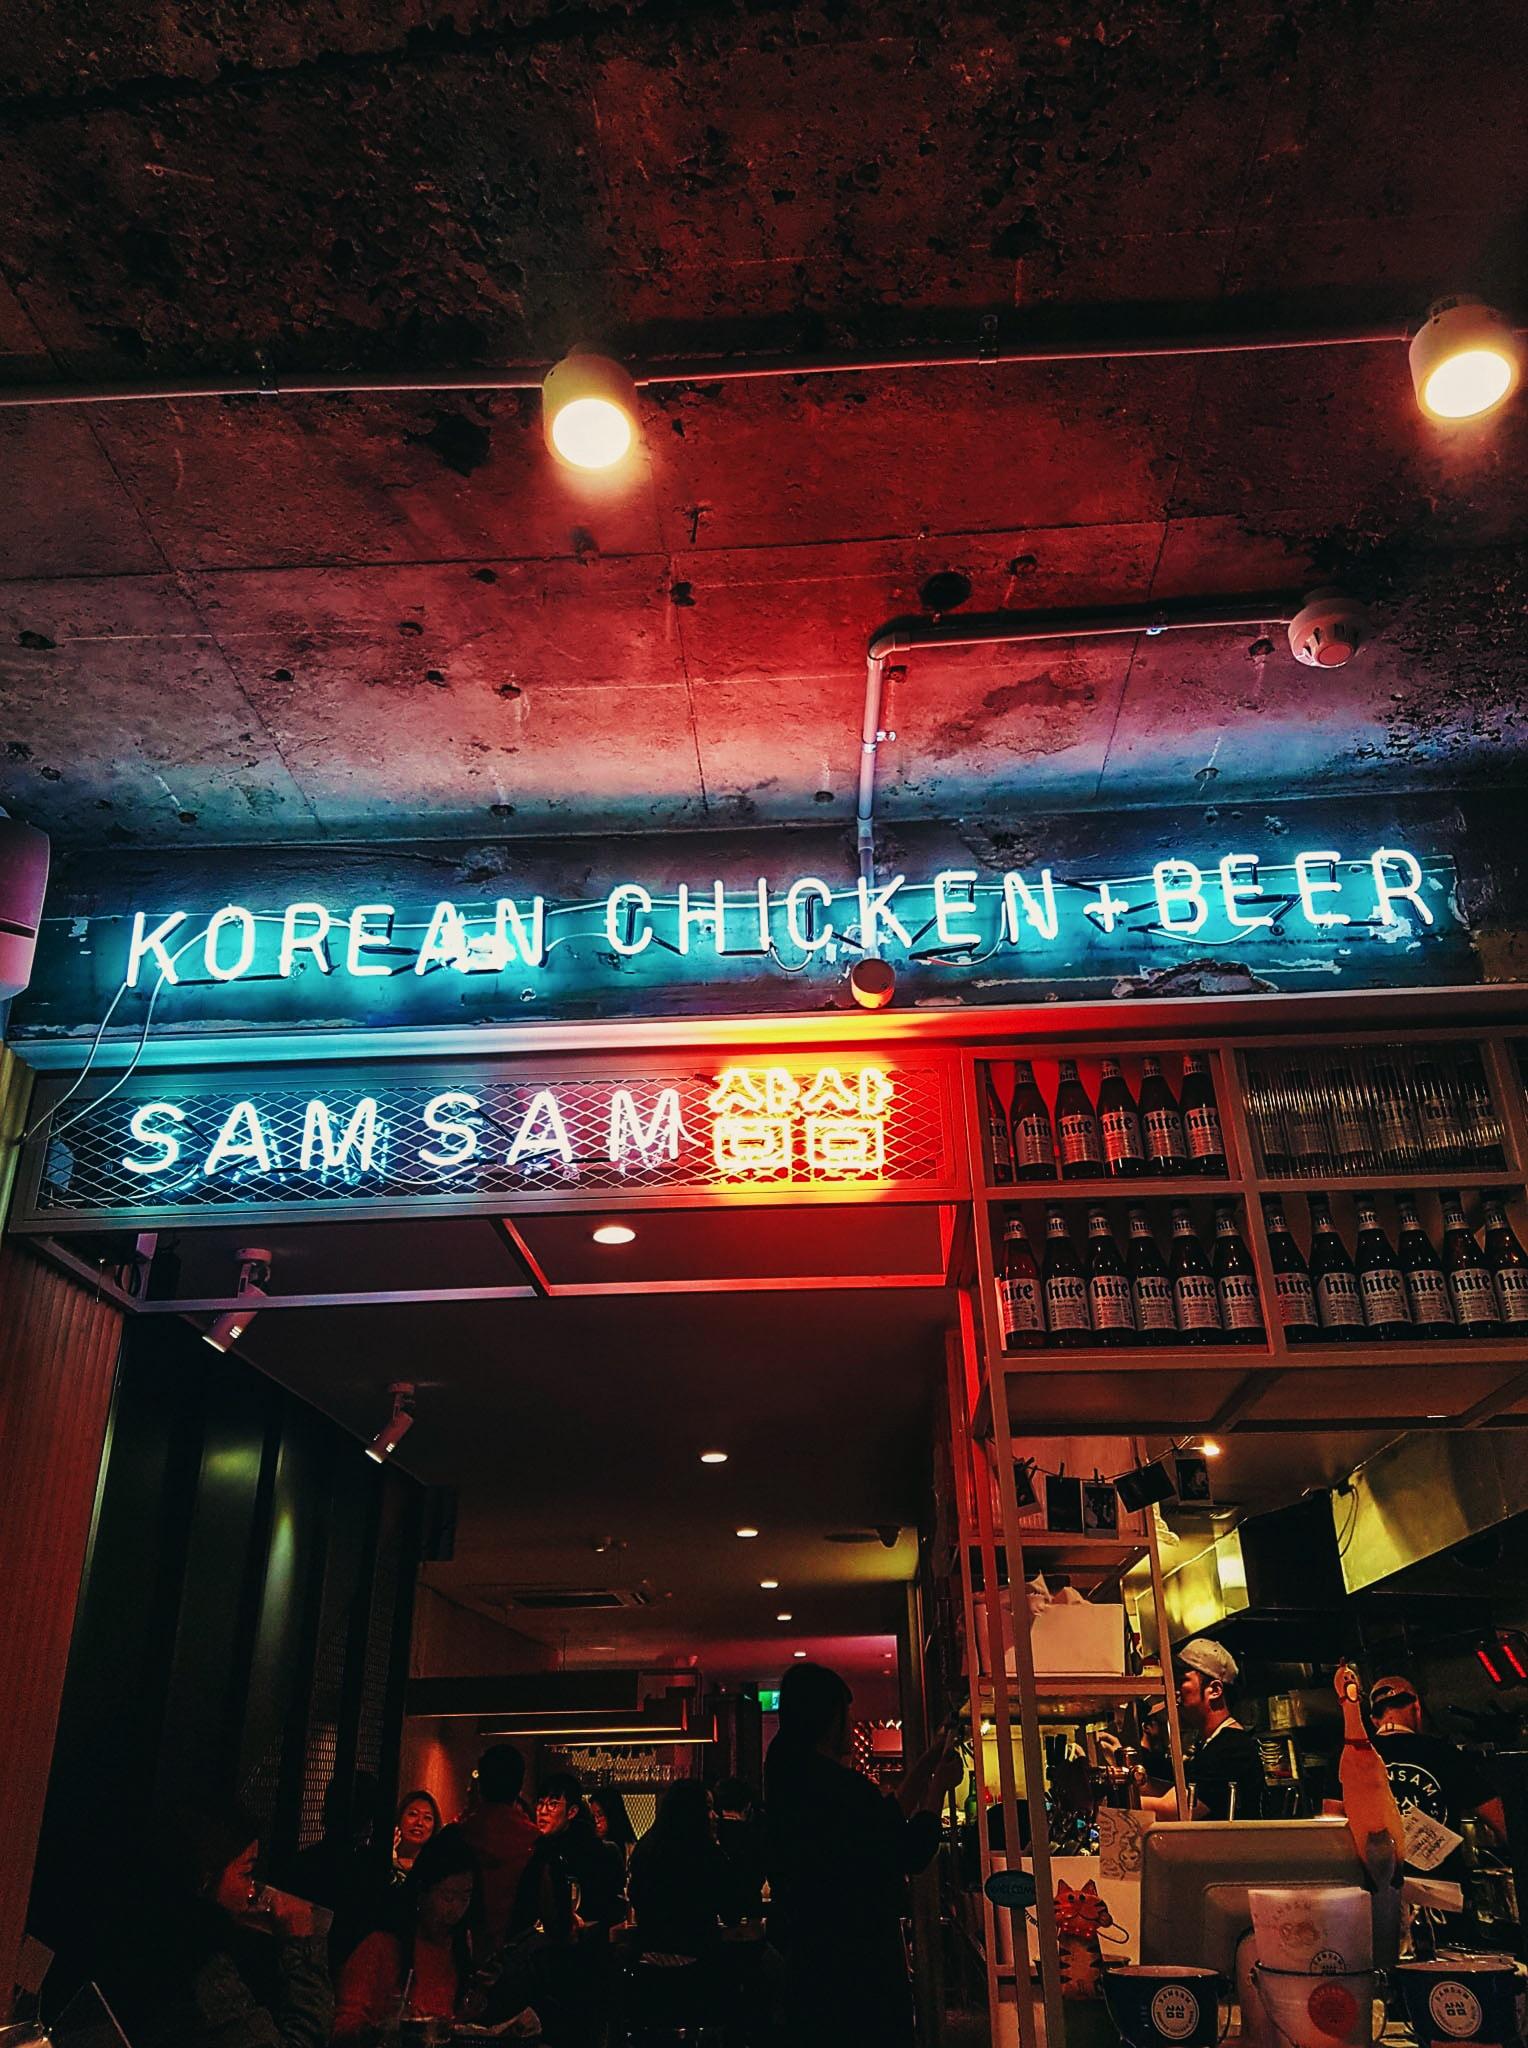 Korean Chicken Beer LED signage